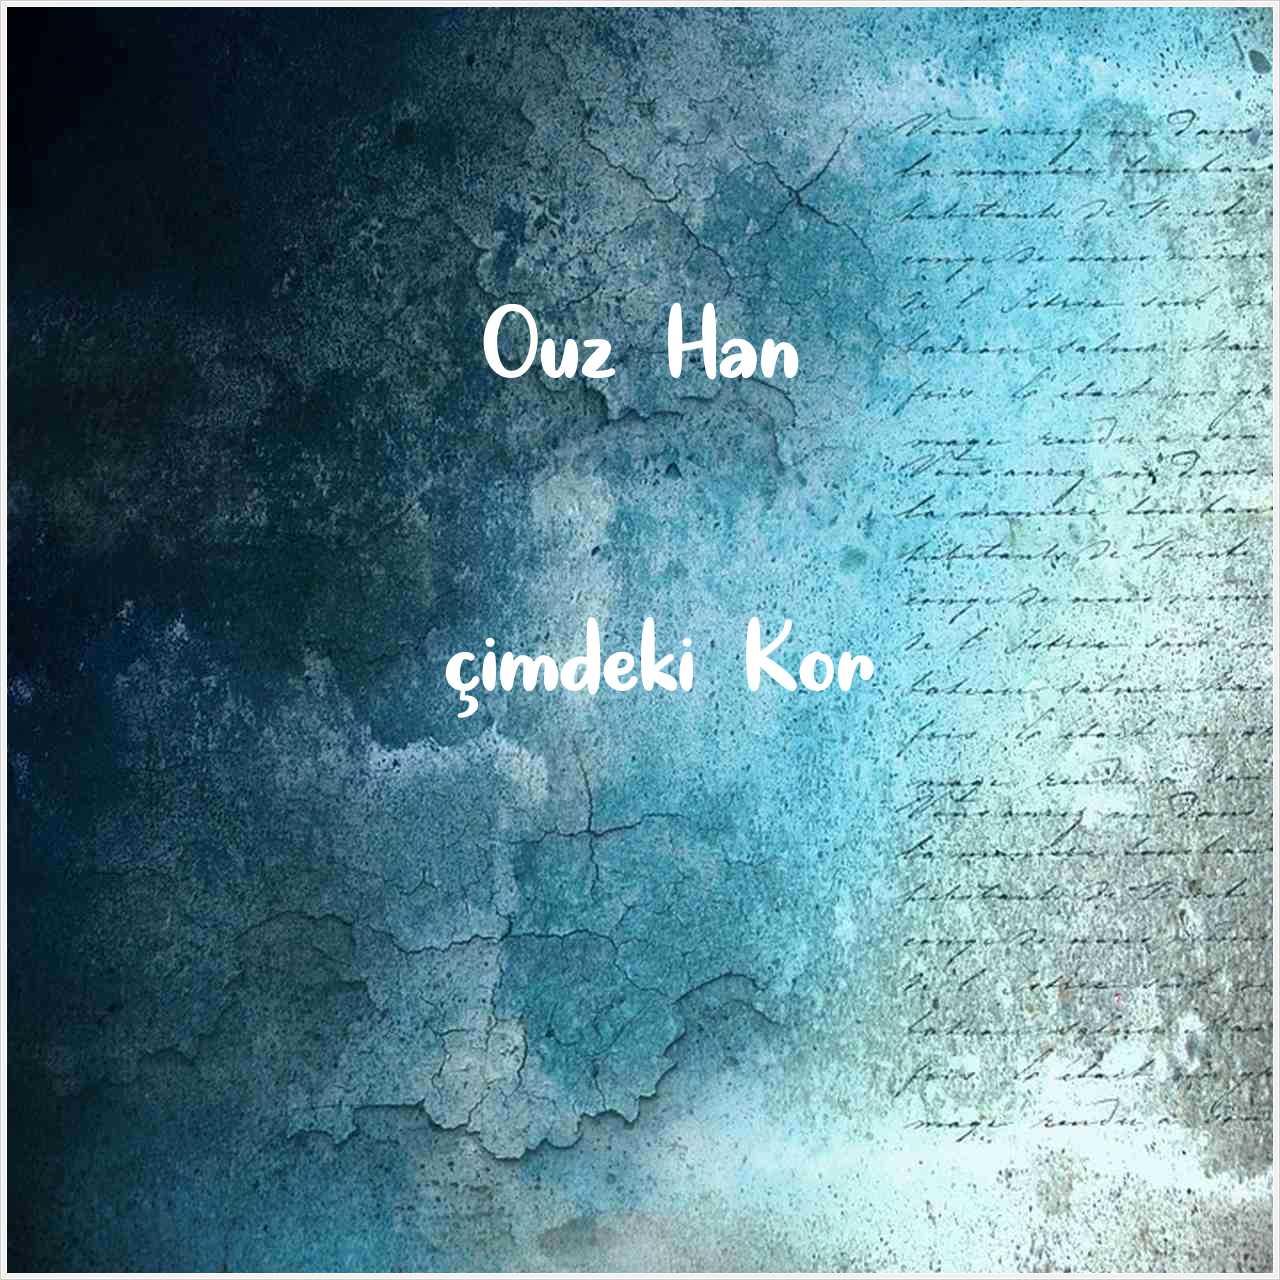 دانلود آهنگ جدید Ouz Han به نام İçimdeki Kor